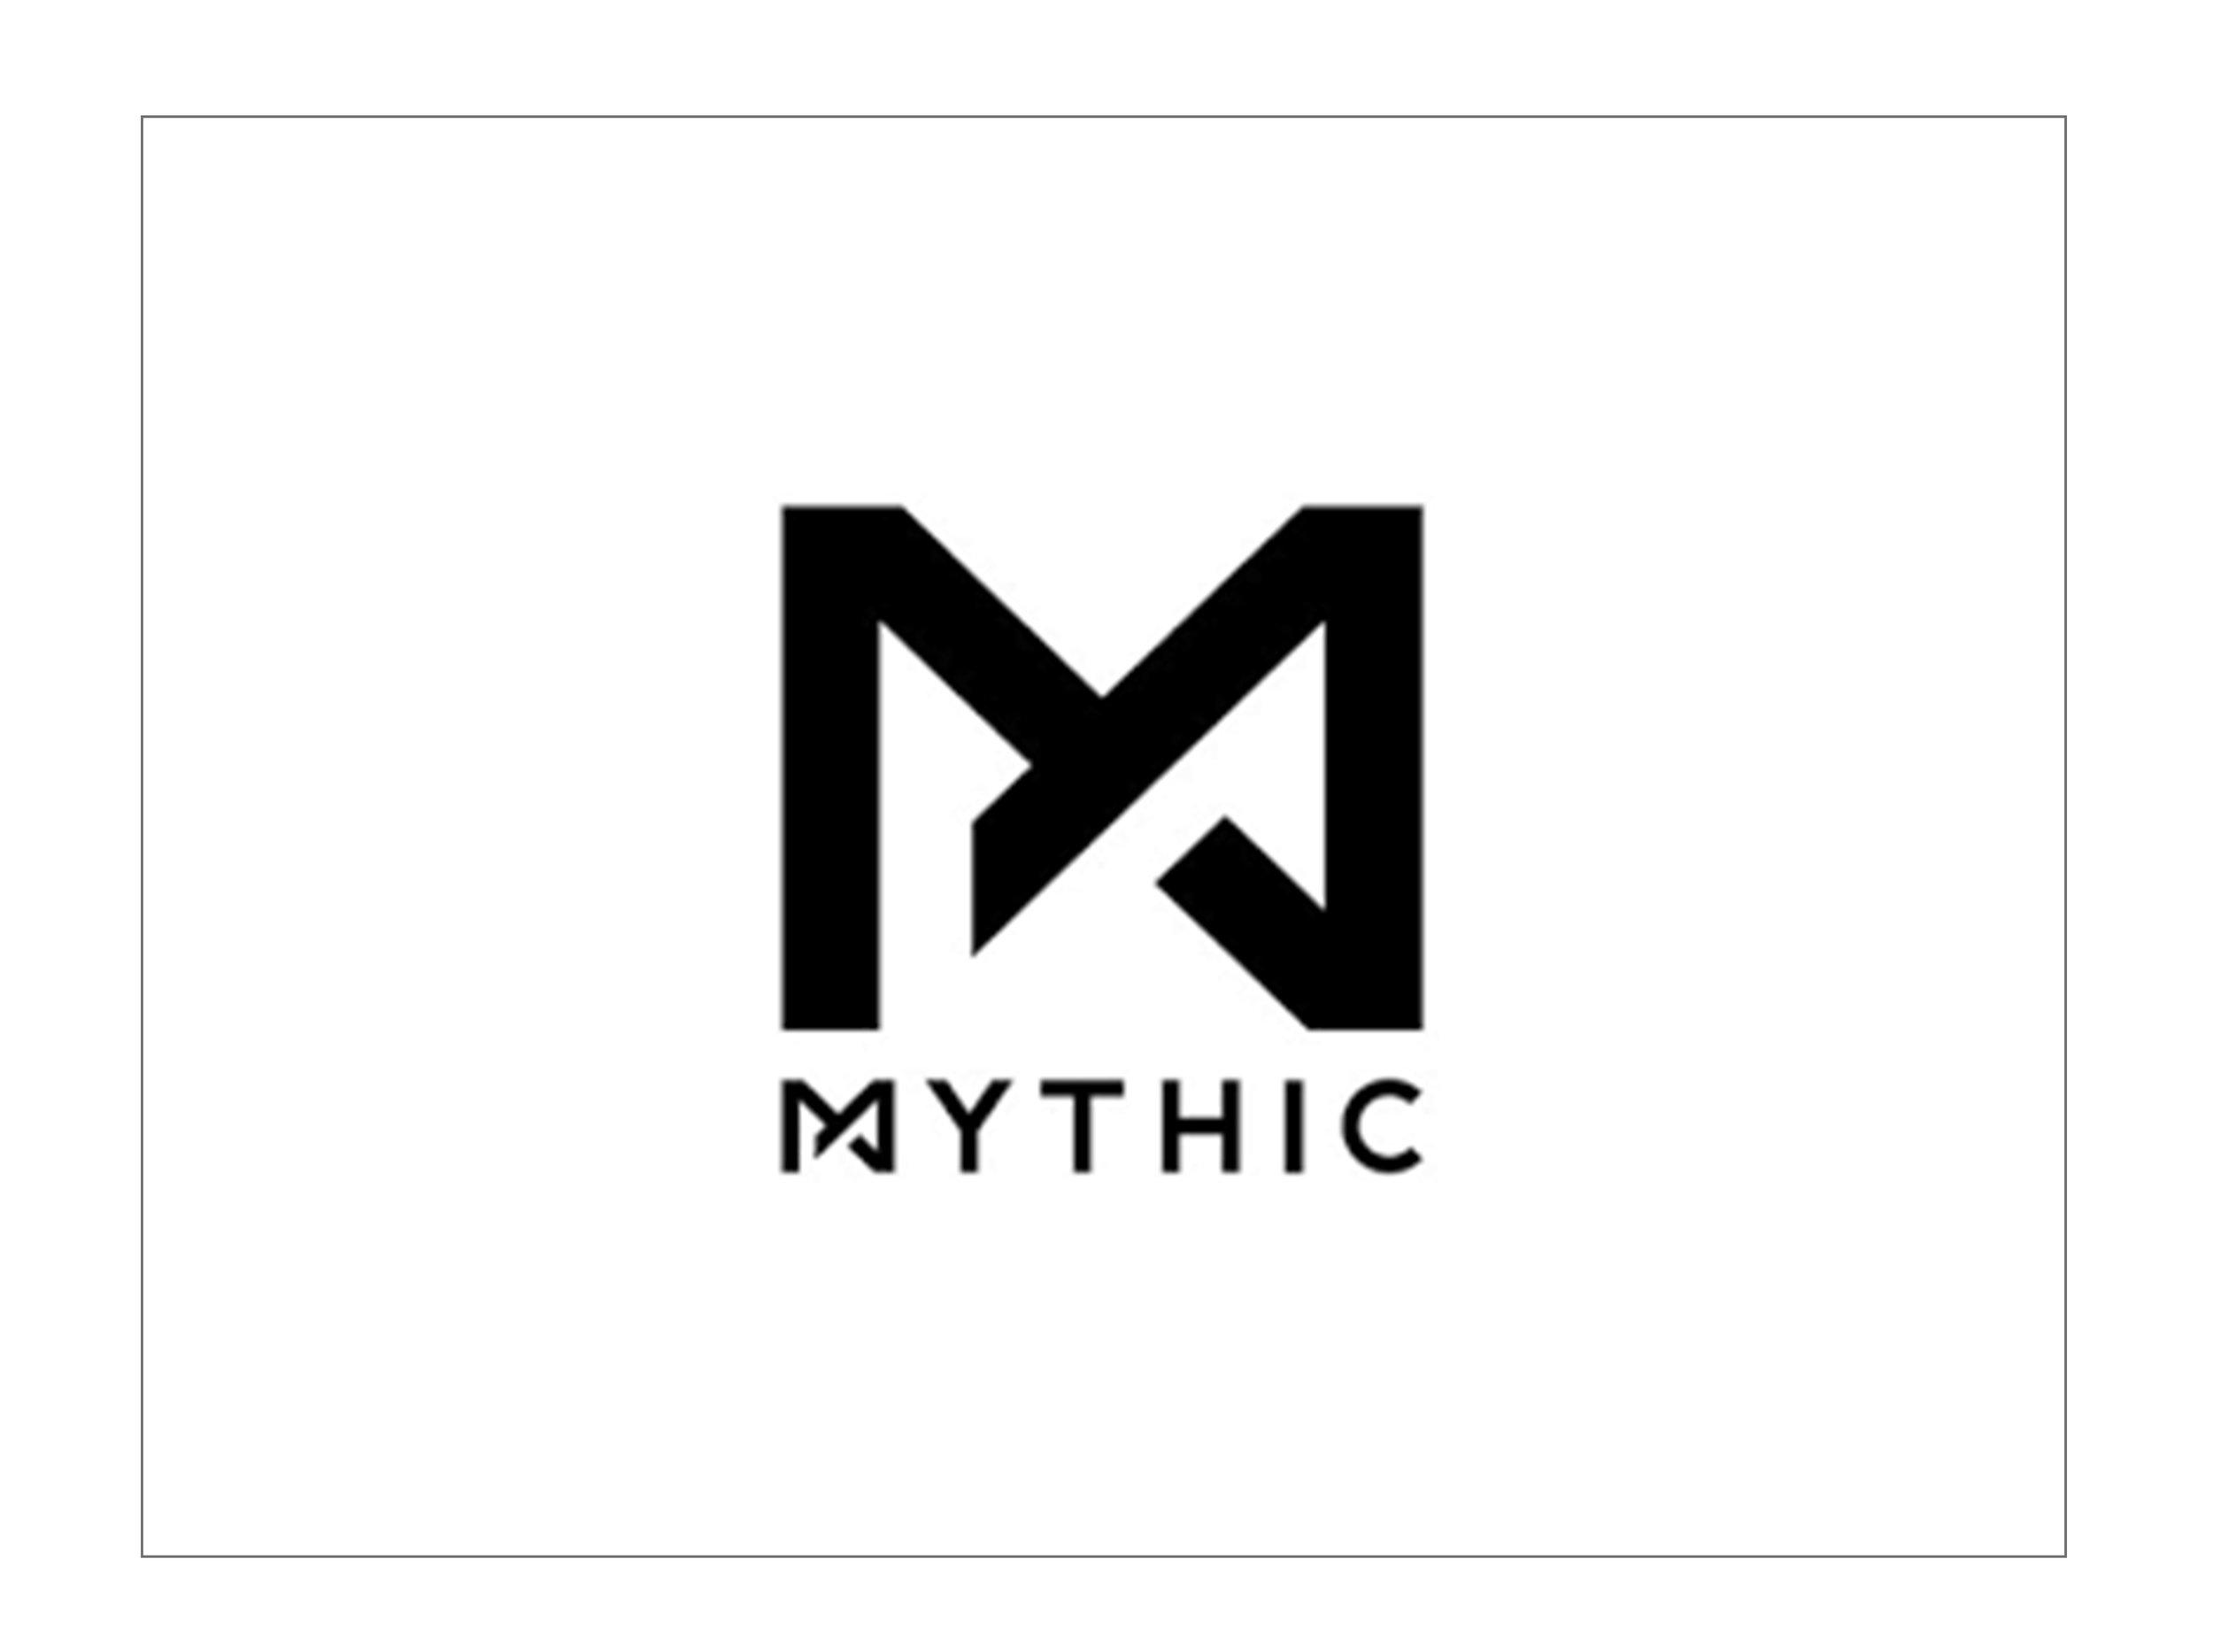 mythic.jpg